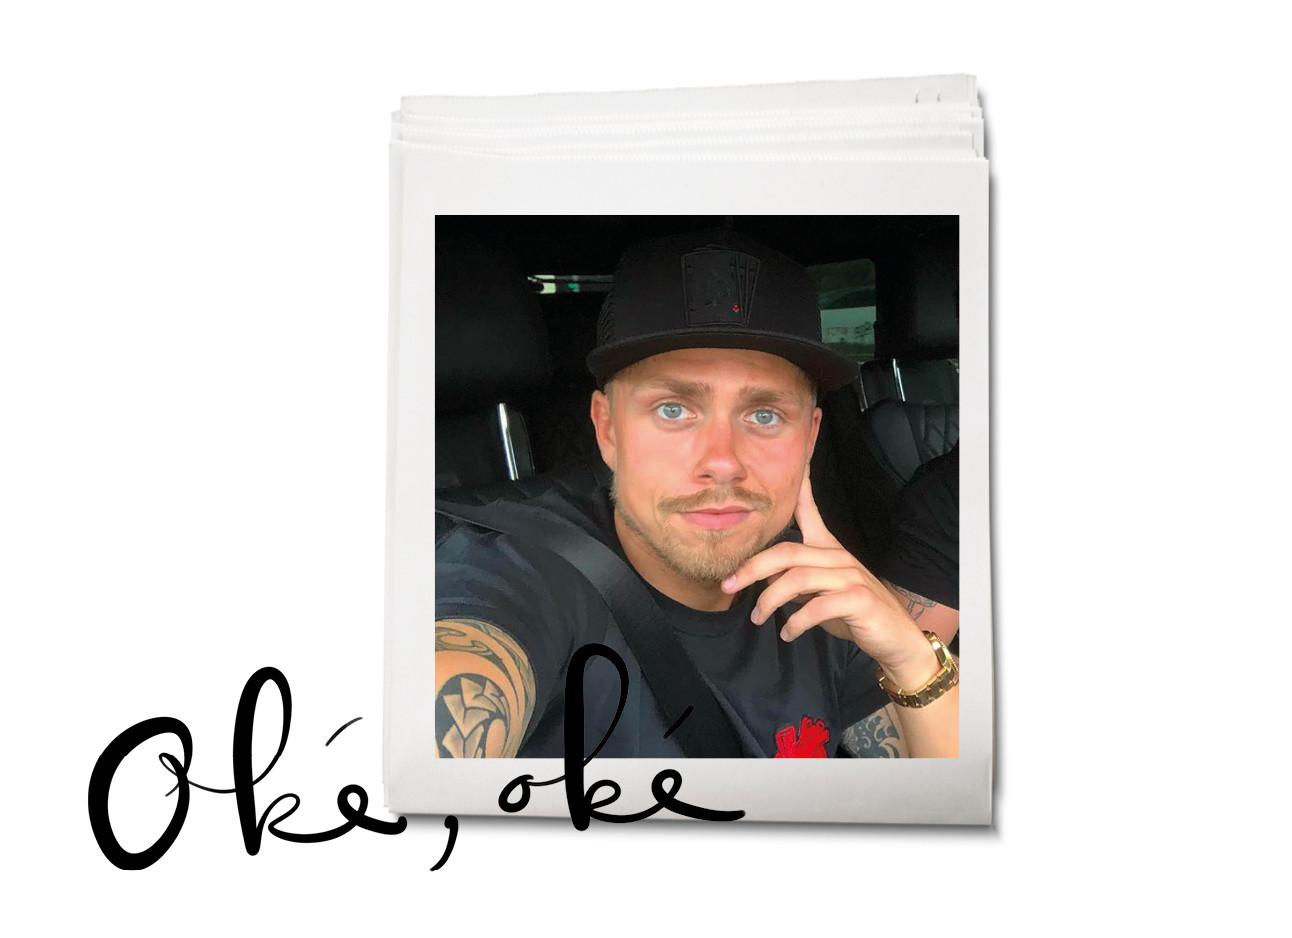 Andre hazes die in een auto zit en een selfie maakt